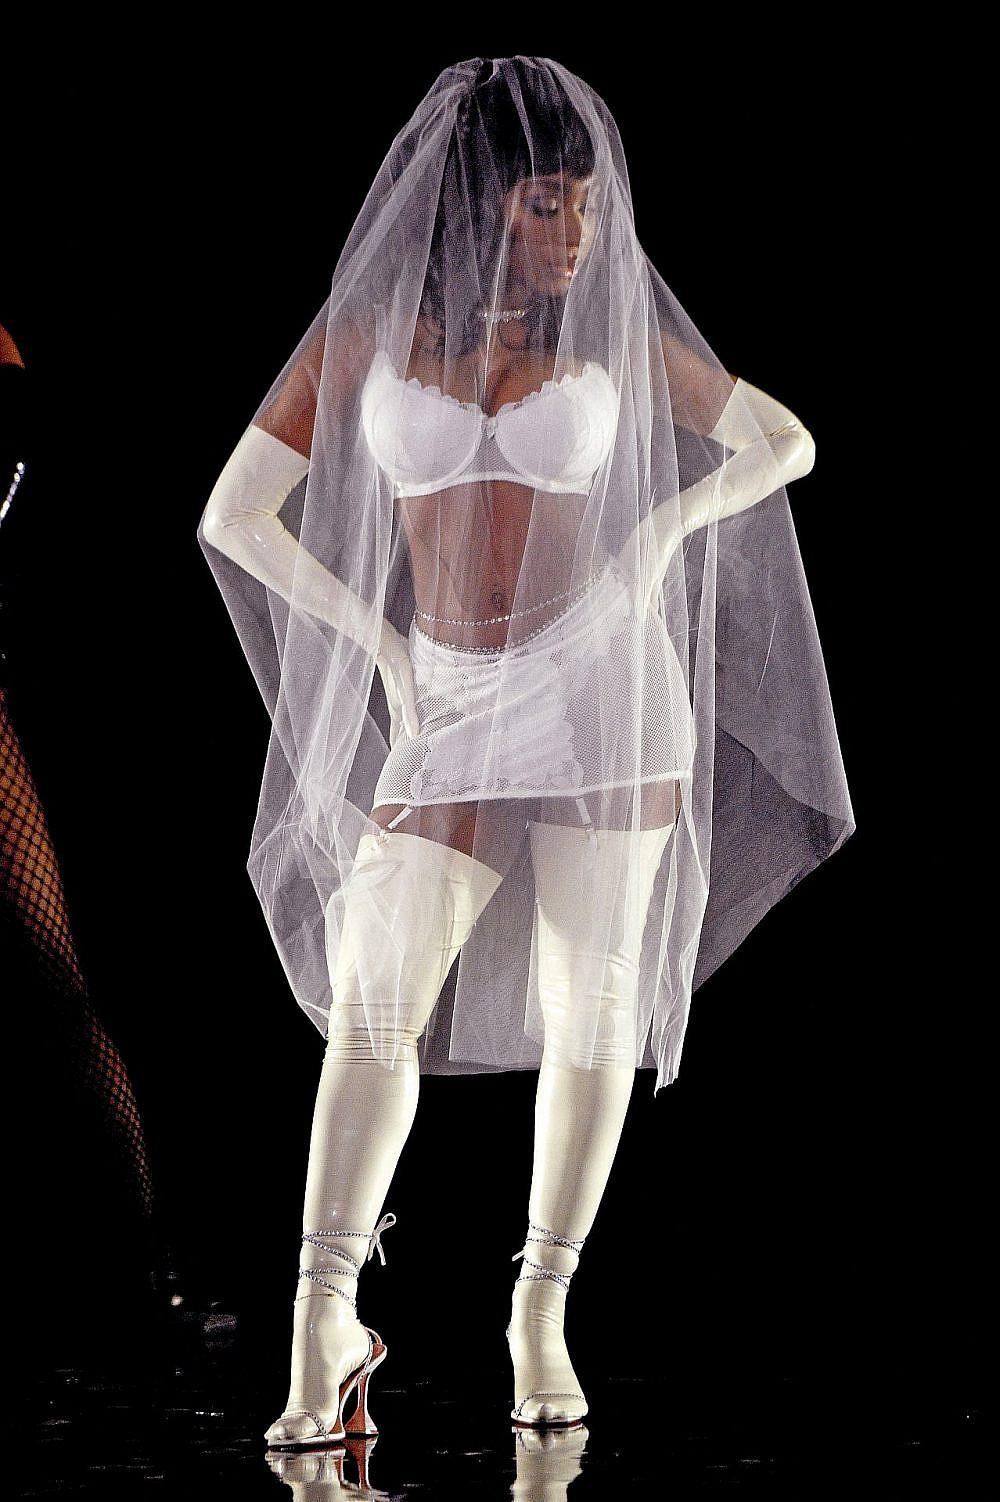 נורמני קורדיי בתצוגה של ריהאנה   צילום: Kevin Mazur/Getty Images